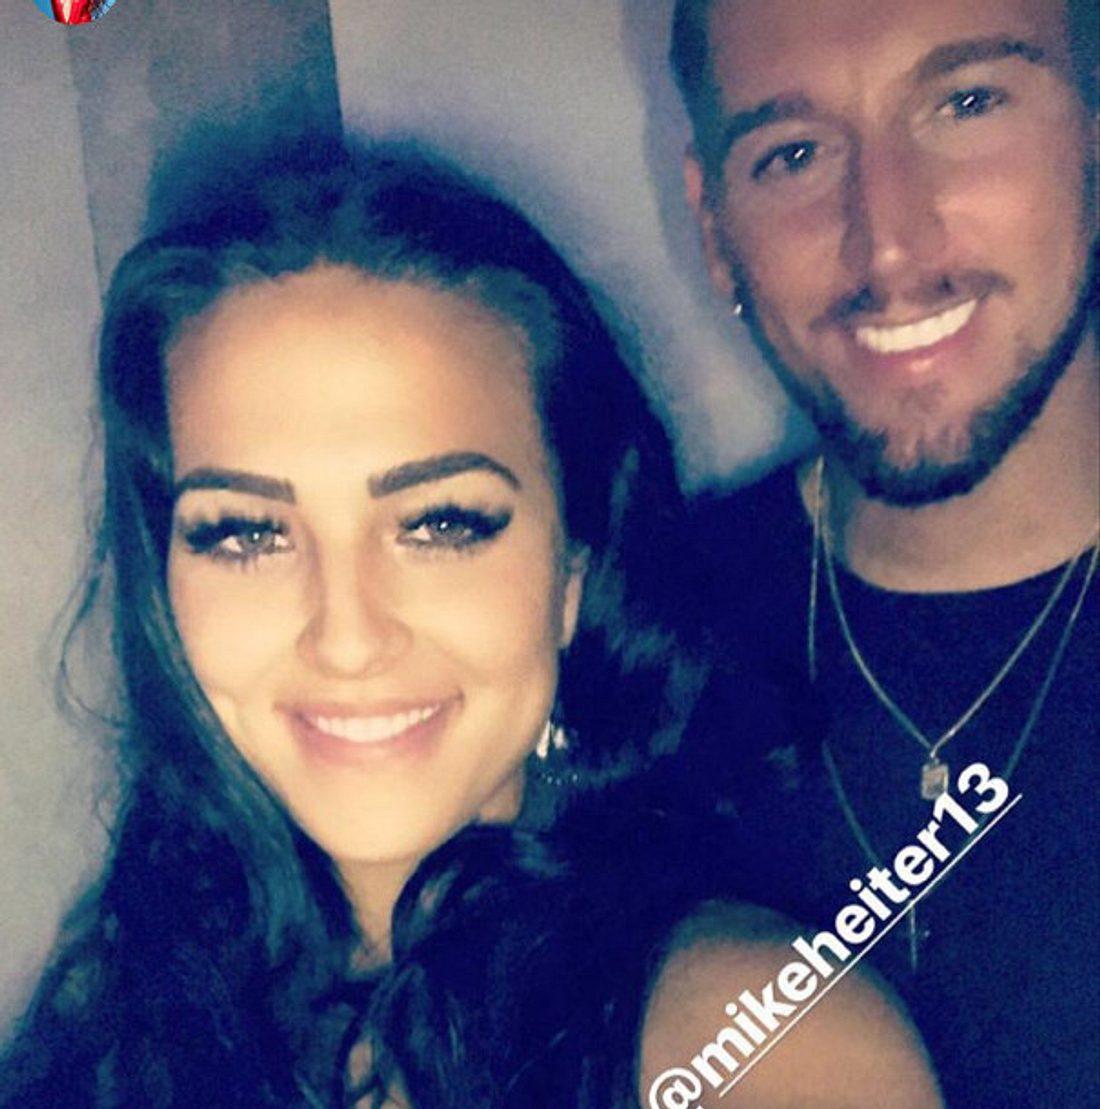 Elena Miras & Mike Heiter: Sind sie das neue 'Love Island'-Paar?